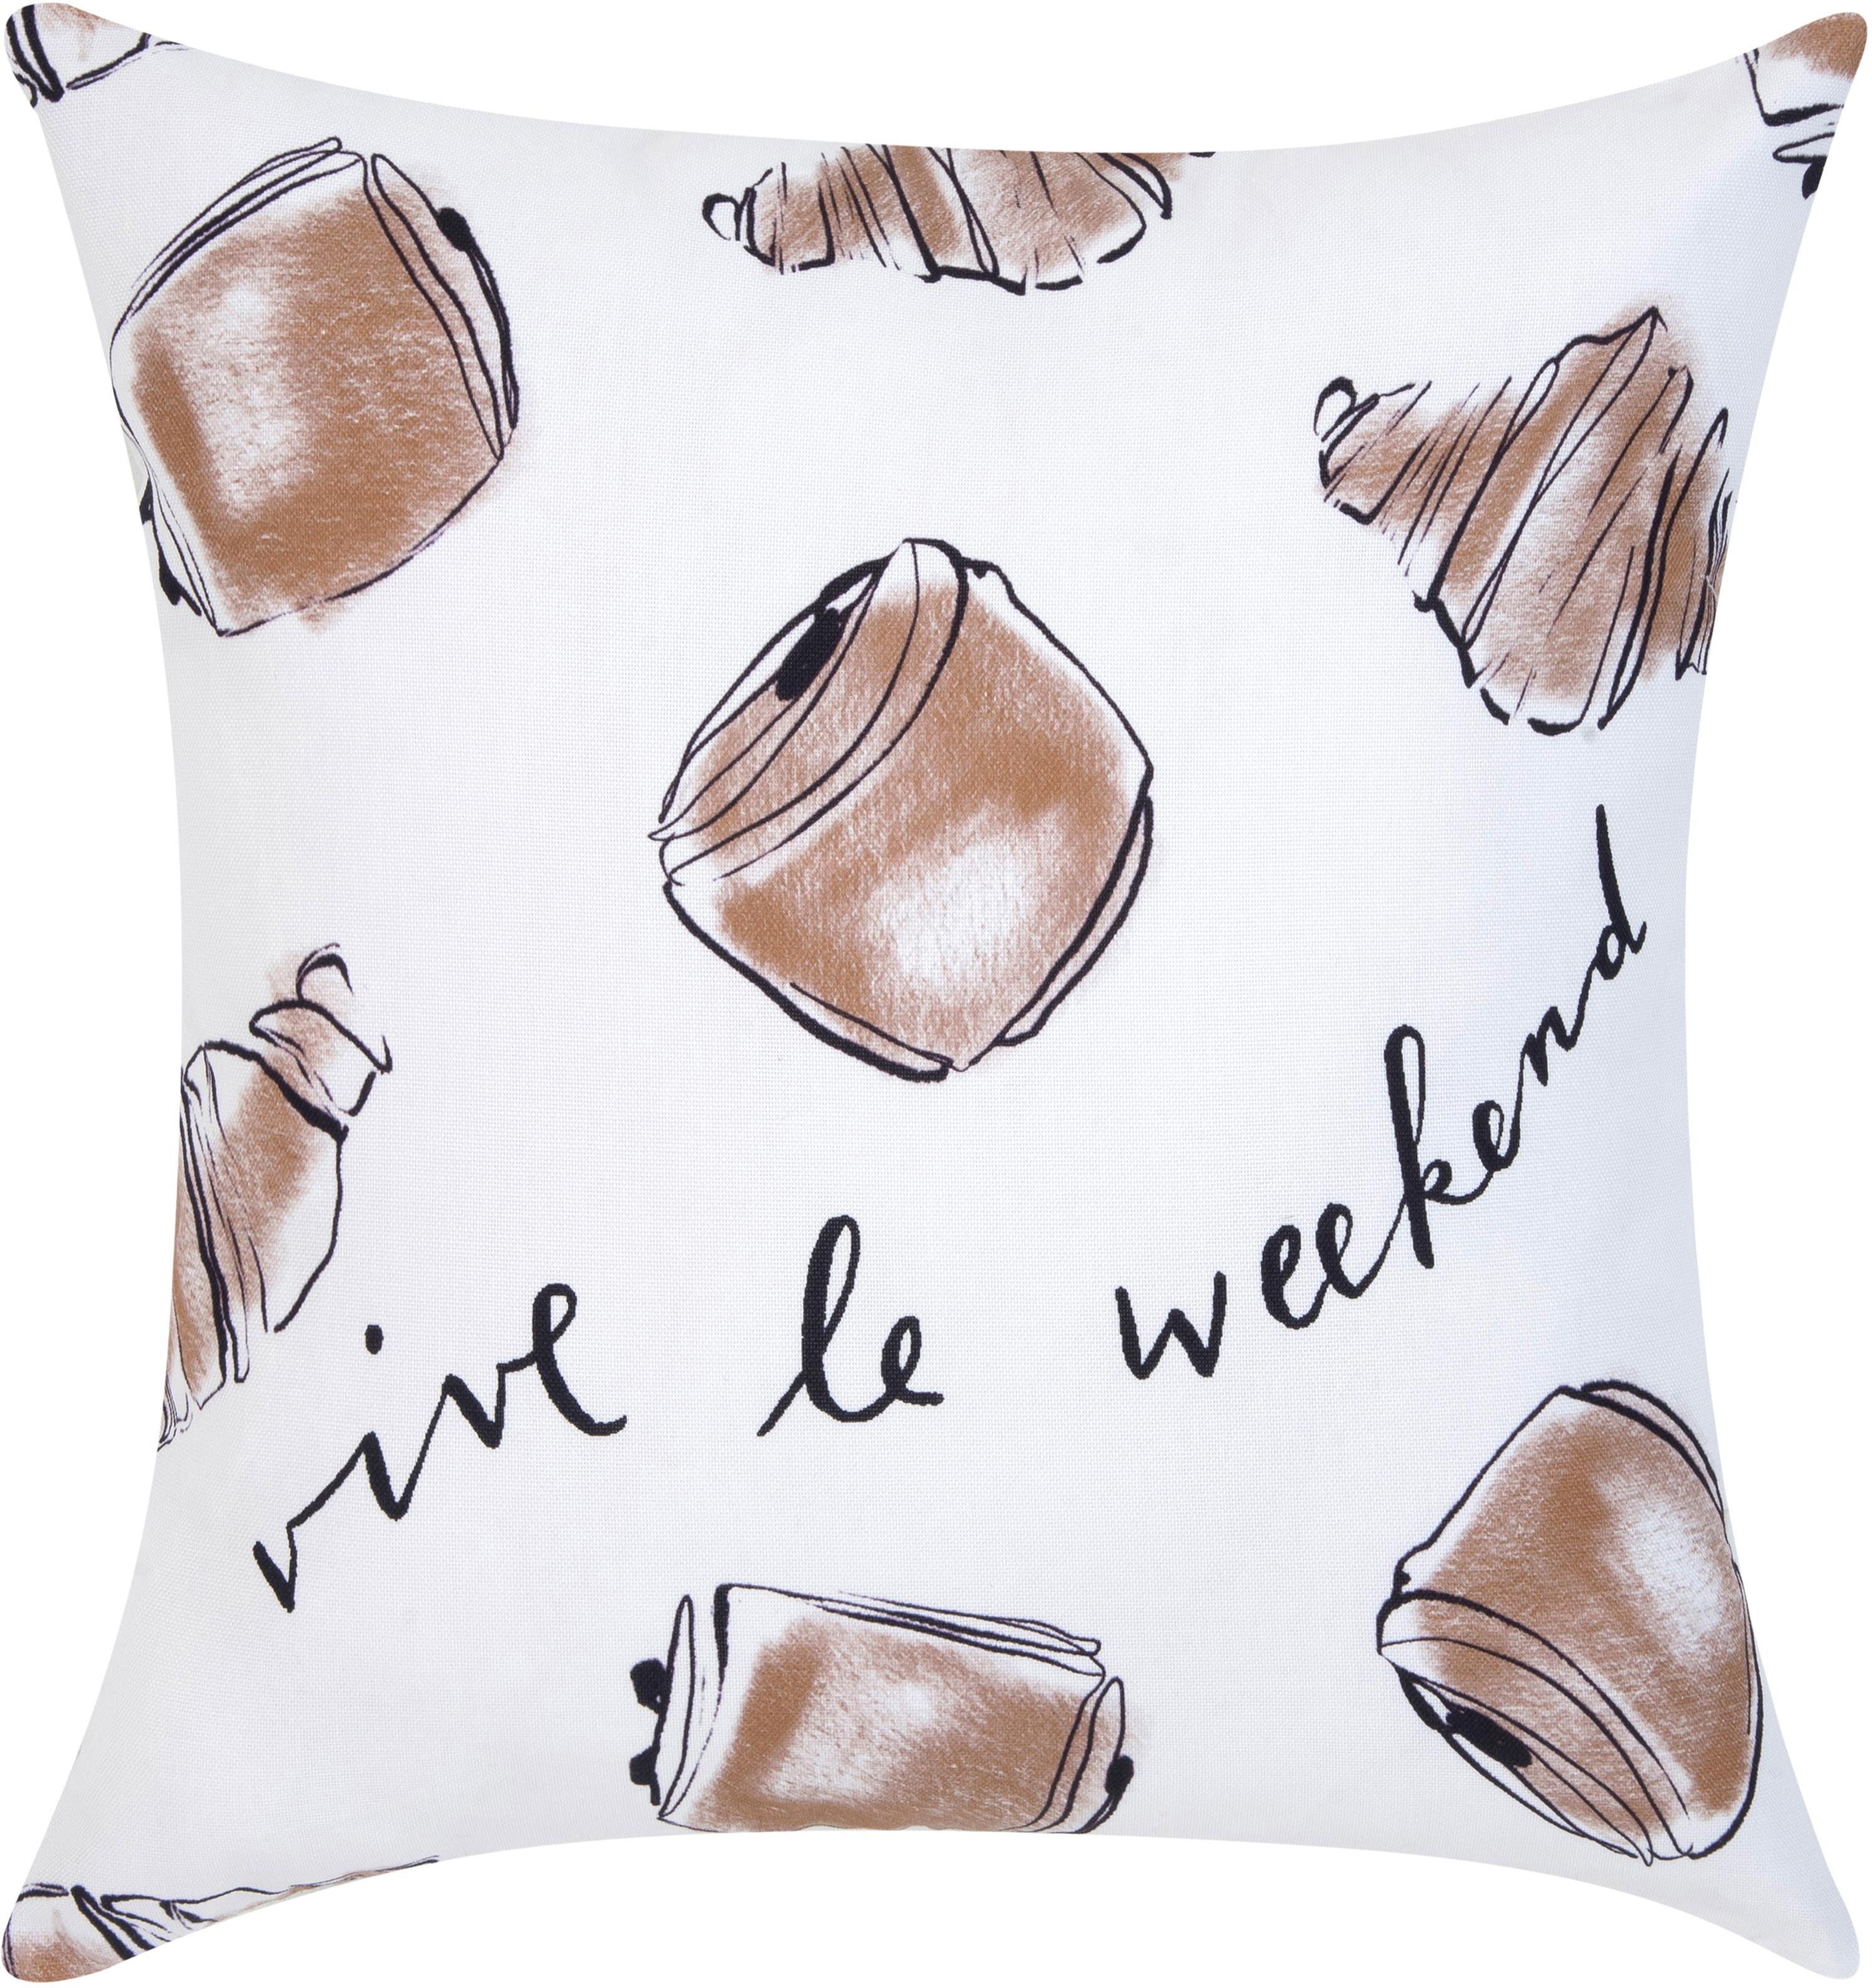 Poszewka na poduszkę Croissant od Kery Till, Bawełna, Biały, brązowy, S 40 x D 40 cm